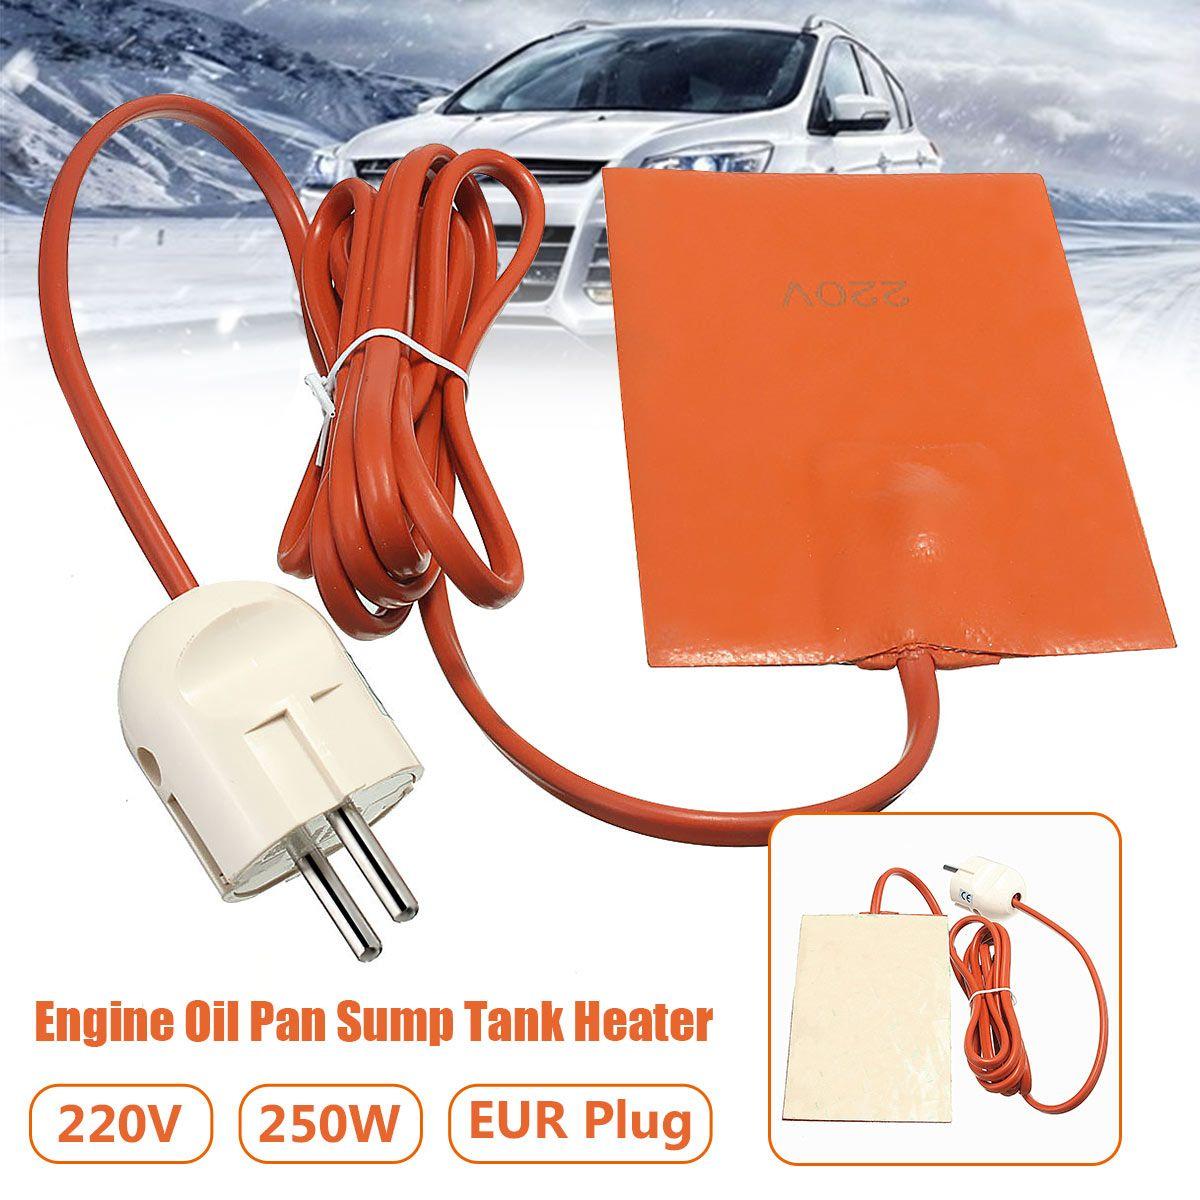 250 w Chauffe Silicone Pad Bloc Moteur Hydraulique Réservoir Plaque Chauffante Carter Carter D'huile Réservoir Chauffe-Pad Avec L'UE Plug 220-240 v 9x13 cm